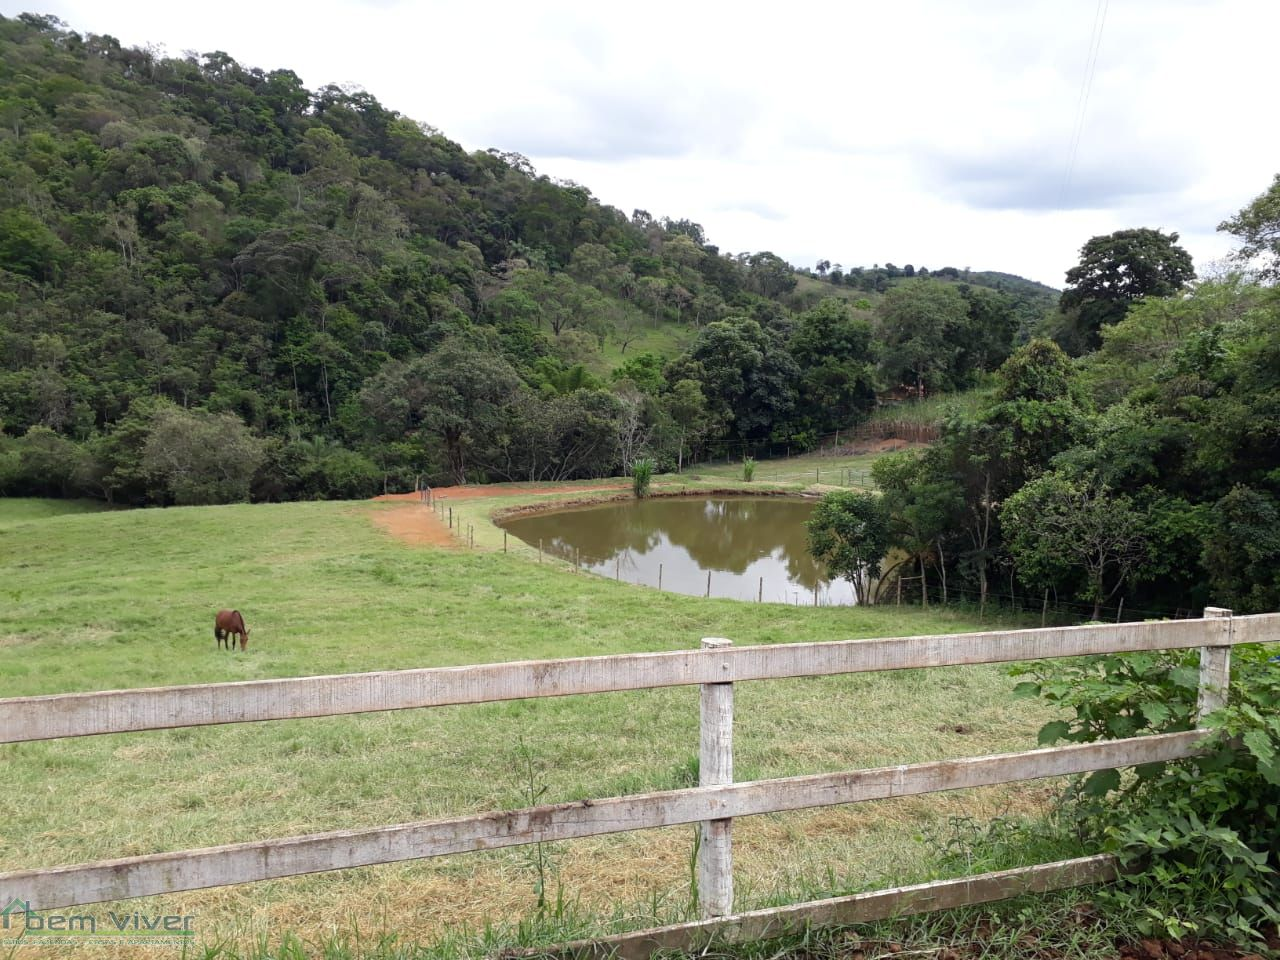 Fazenda - SITIO HARAS ESPETACULAR | cod.: 212542 R$ 1.300.000,00